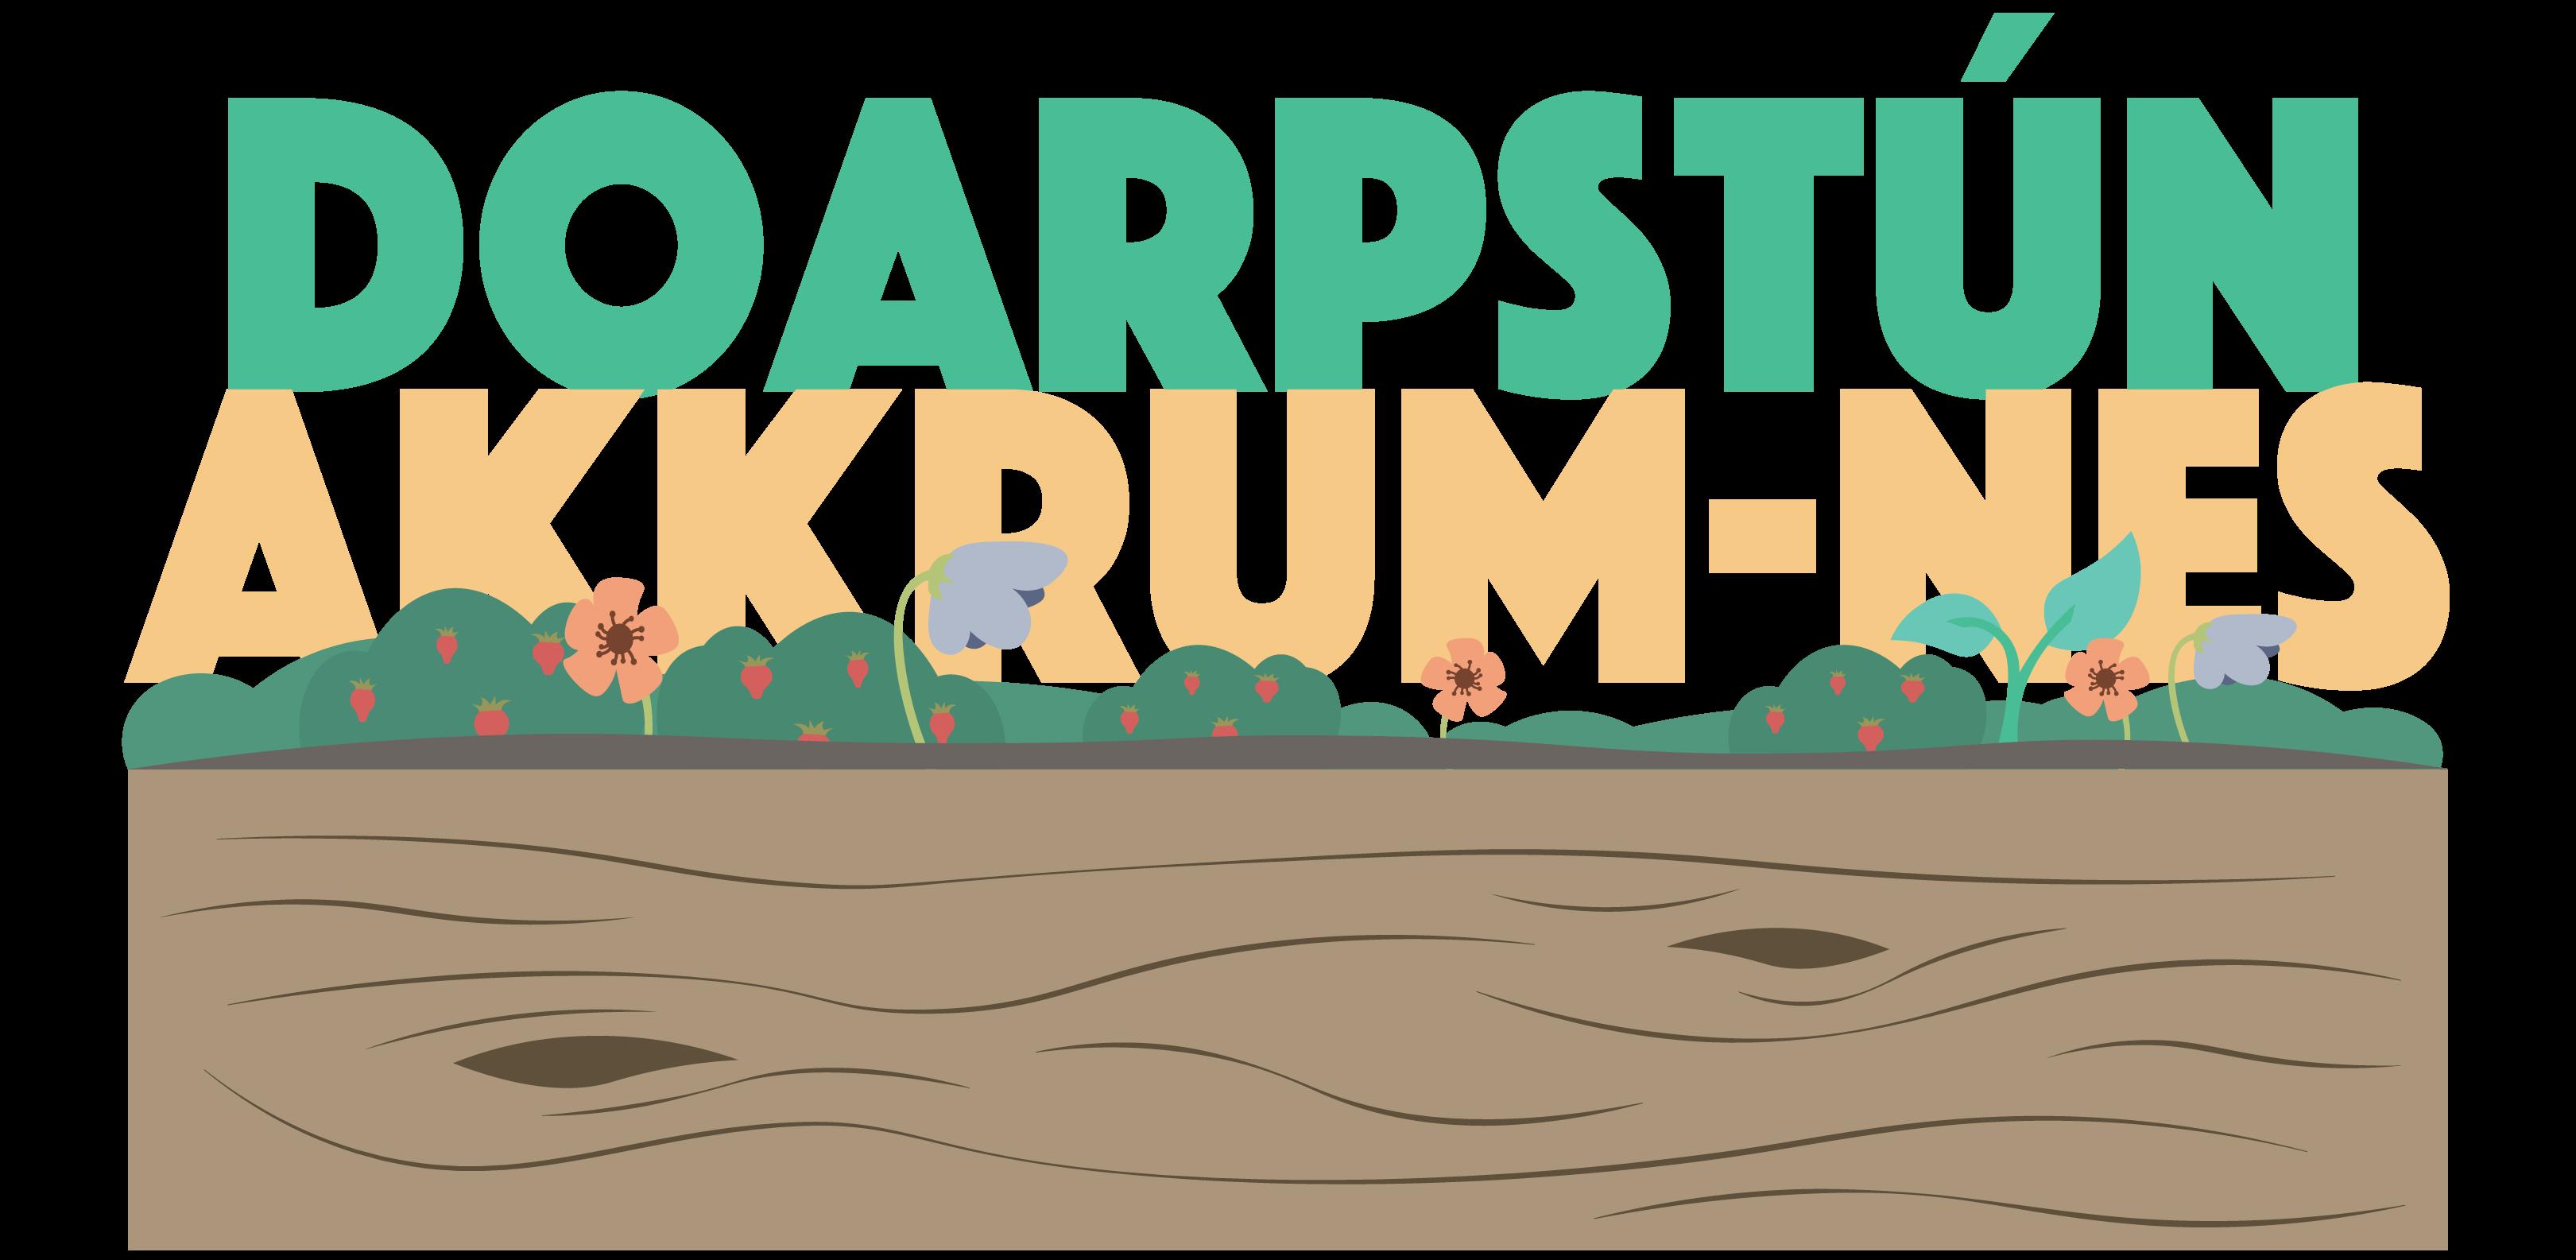 Doarpstún Akkrum-Nes